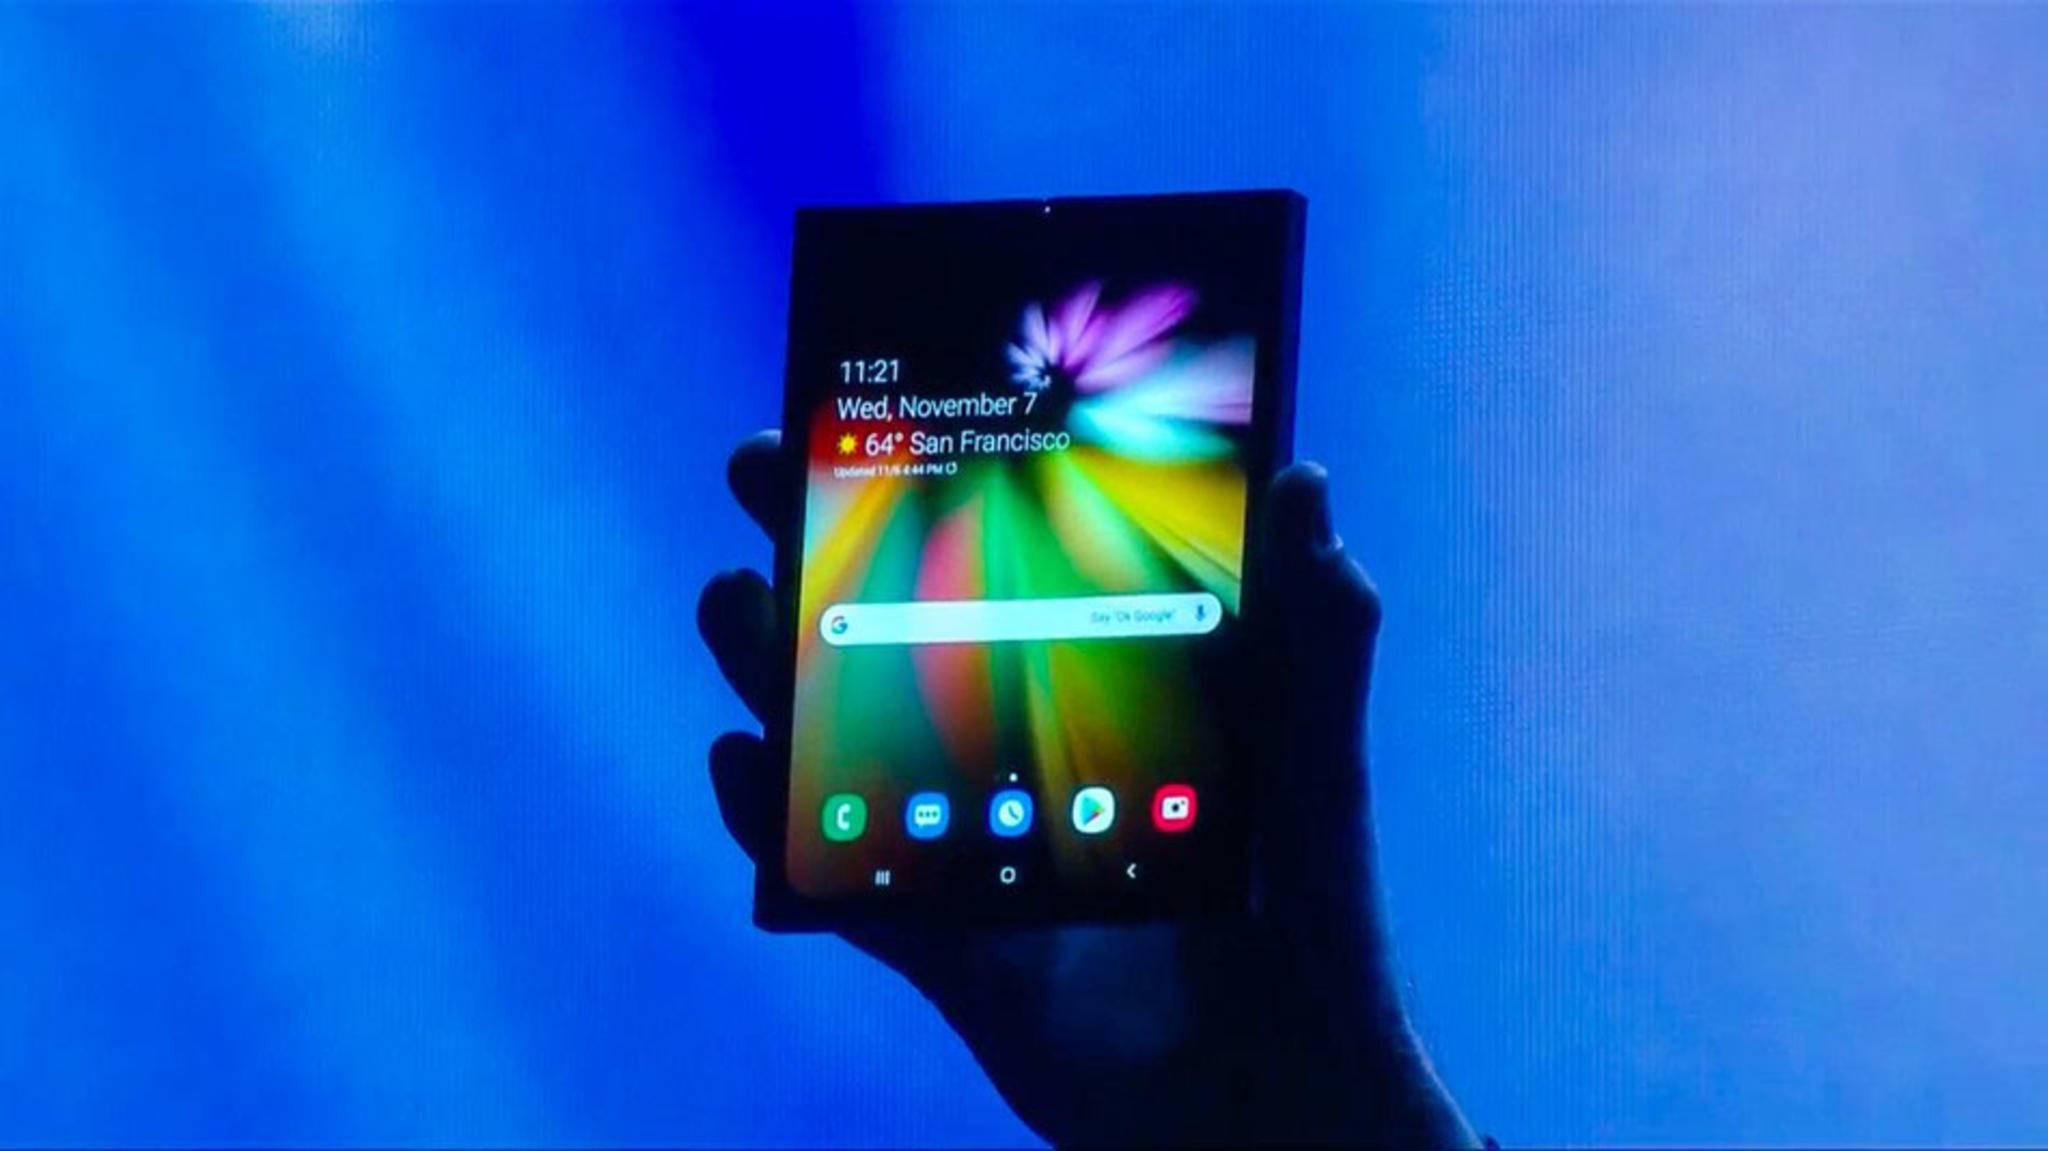 Lange wurde darüber spekuliert, in dieser Woche wurde es erstmalig gezeigt: Das faltbare Smartphone von Samsung.